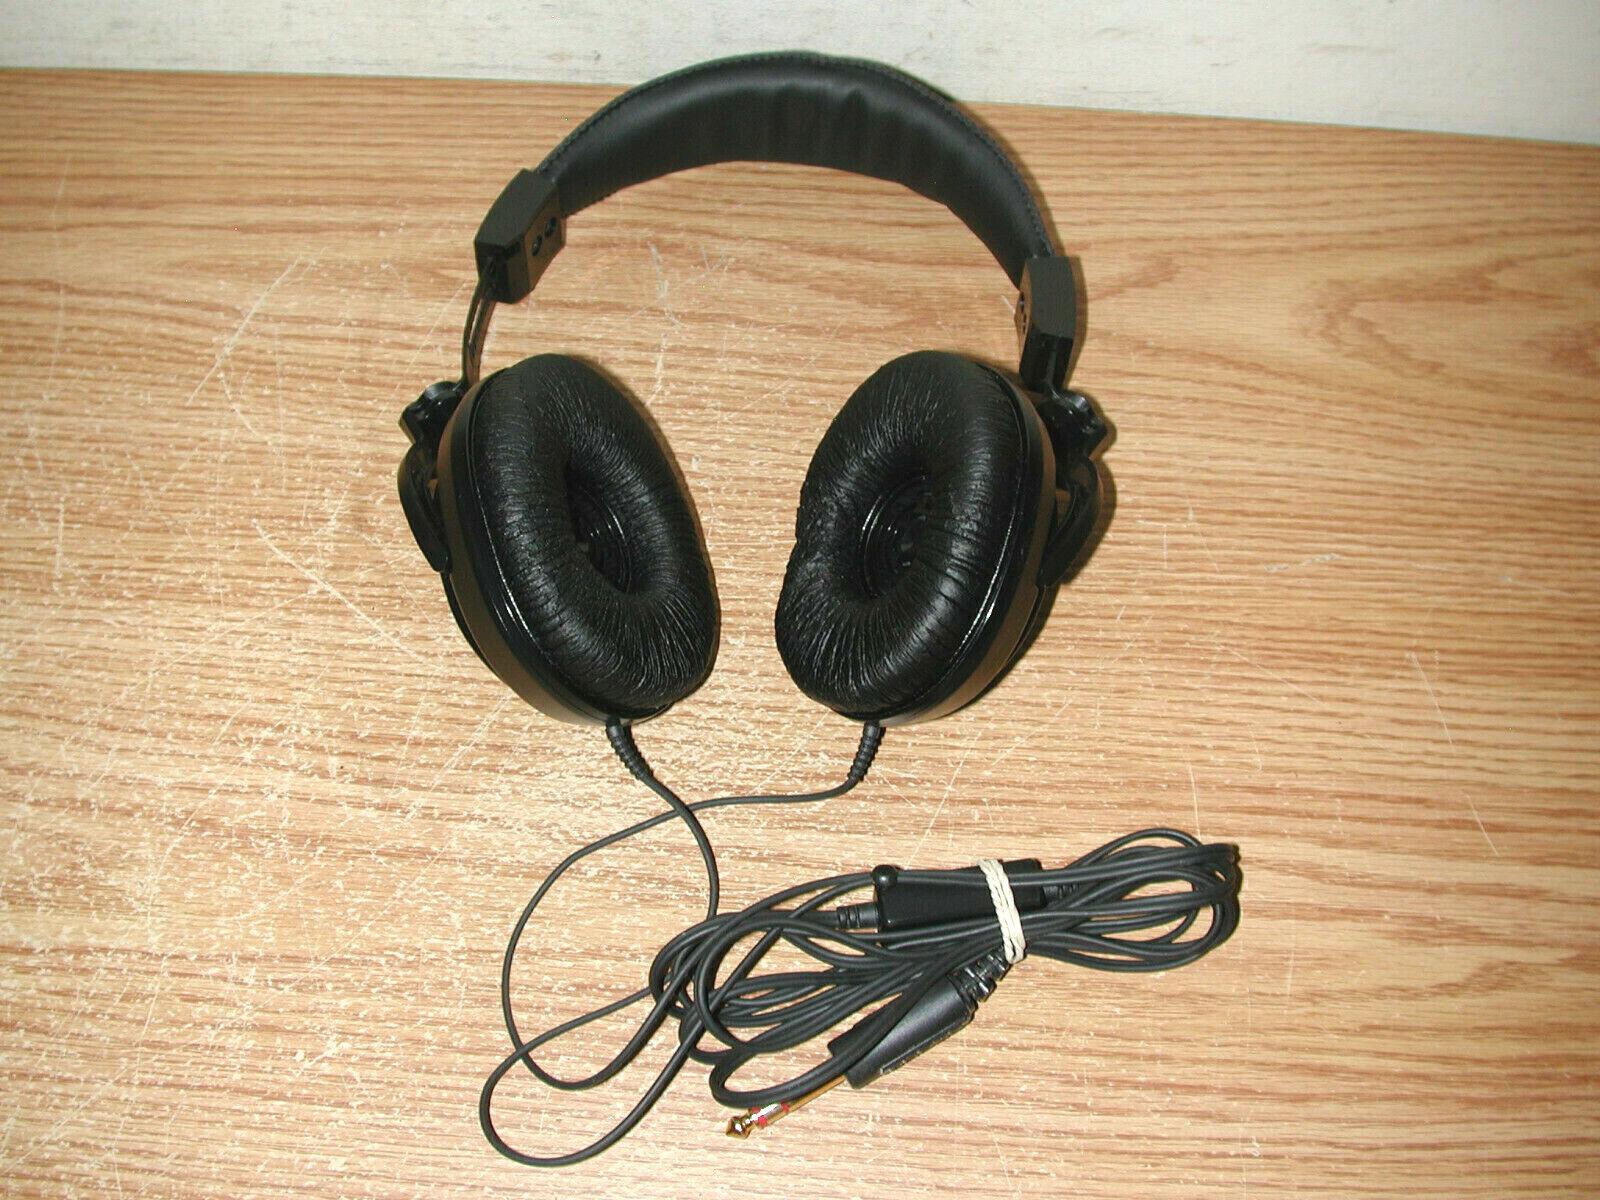 KOSS OPTIMUS LV-20 BLACK ADJUSTABLE STEREO AUDIO HEADPHONES